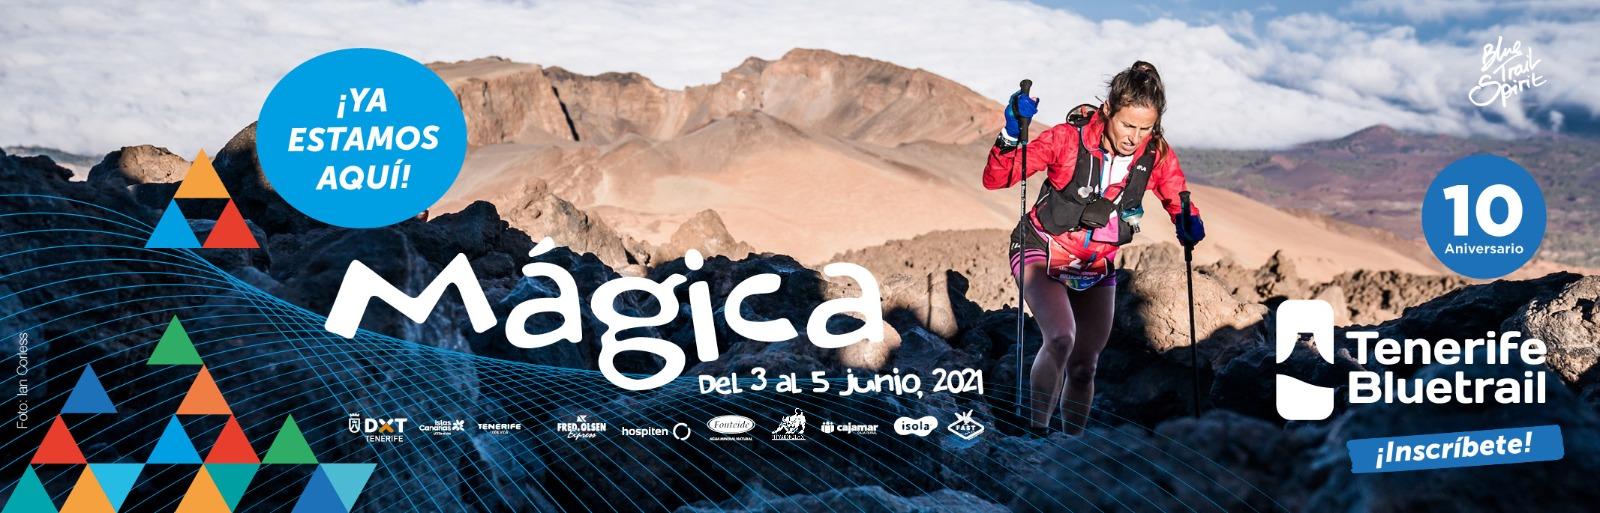 El Cabildo de Tenerife presenta la Bluetrail 2021, que se celebrará entre  los días 3 y 5 de junio | Radio Marca Tenerife